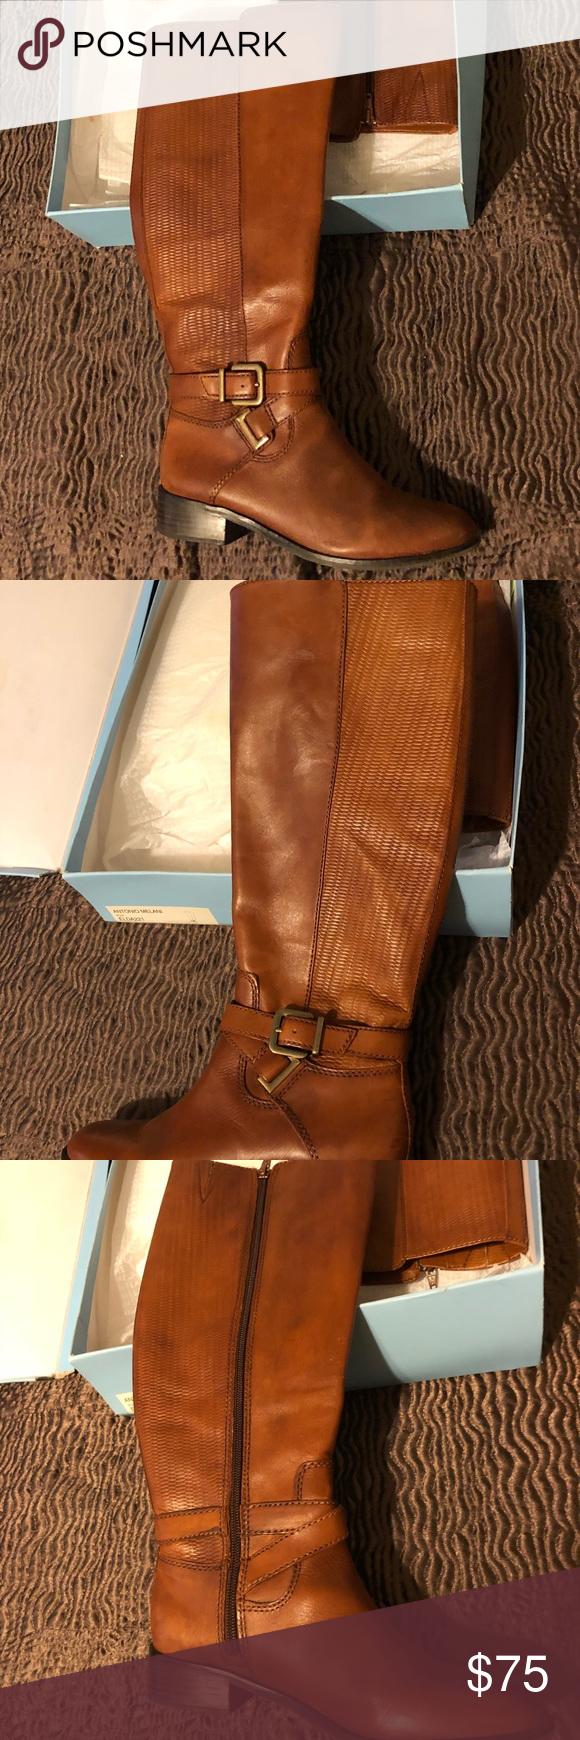 Antonio Melani Women's Leather Boots